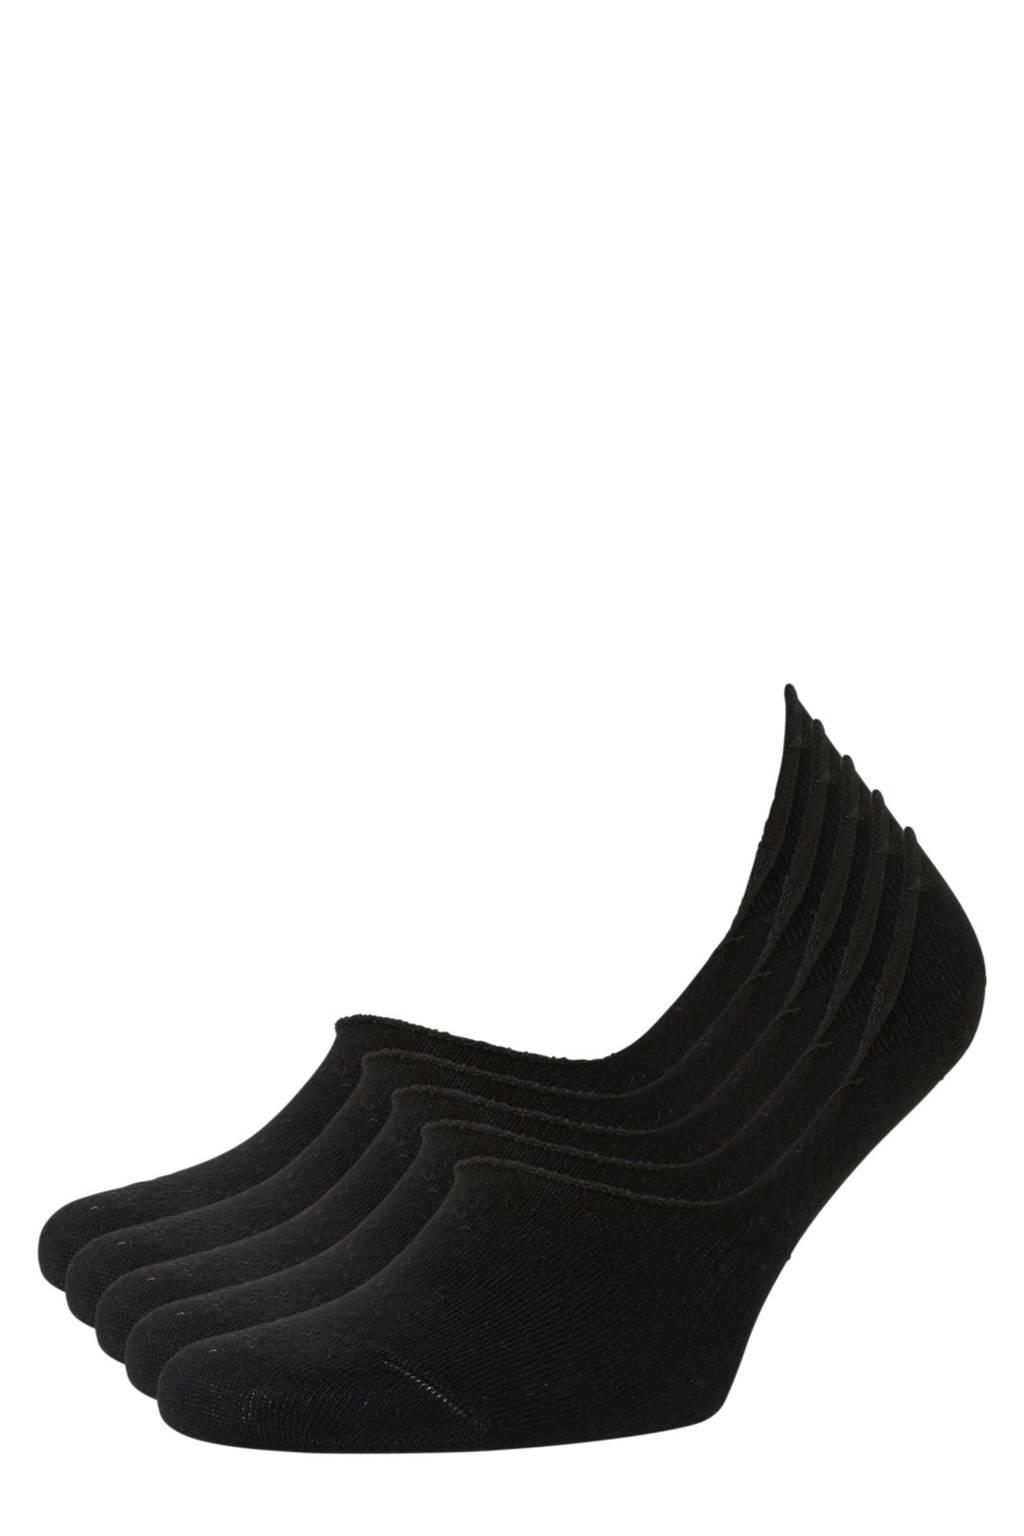 whkmp's own no-show sneakersokken - set van 5 zwart, Zwart